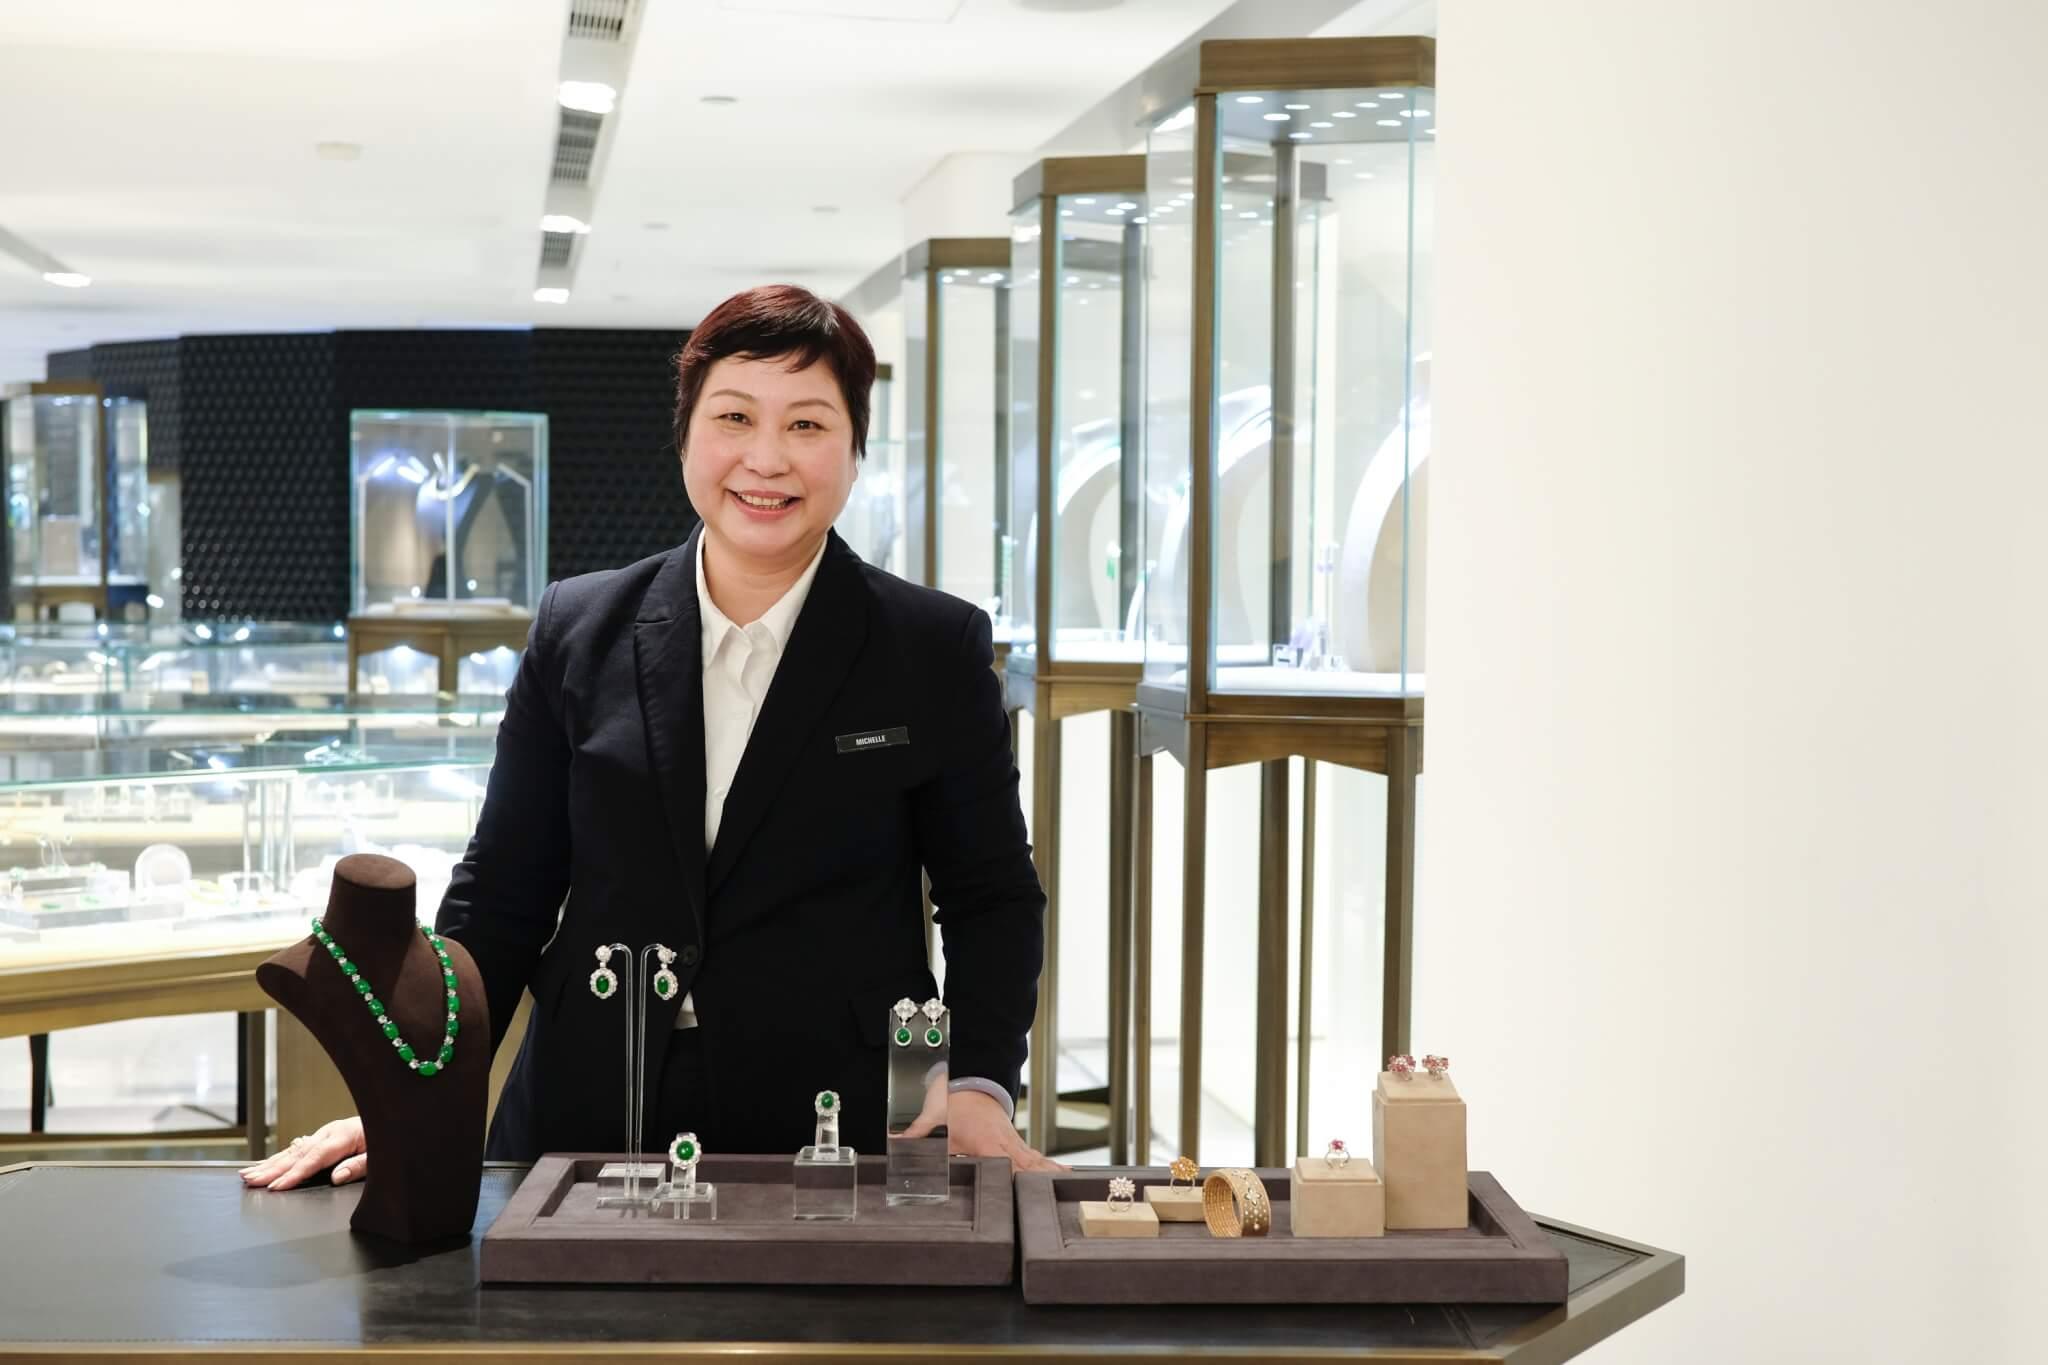 在連卡佛珠寶部工作多年,Michelle慶幸自己能為多代客人服務。